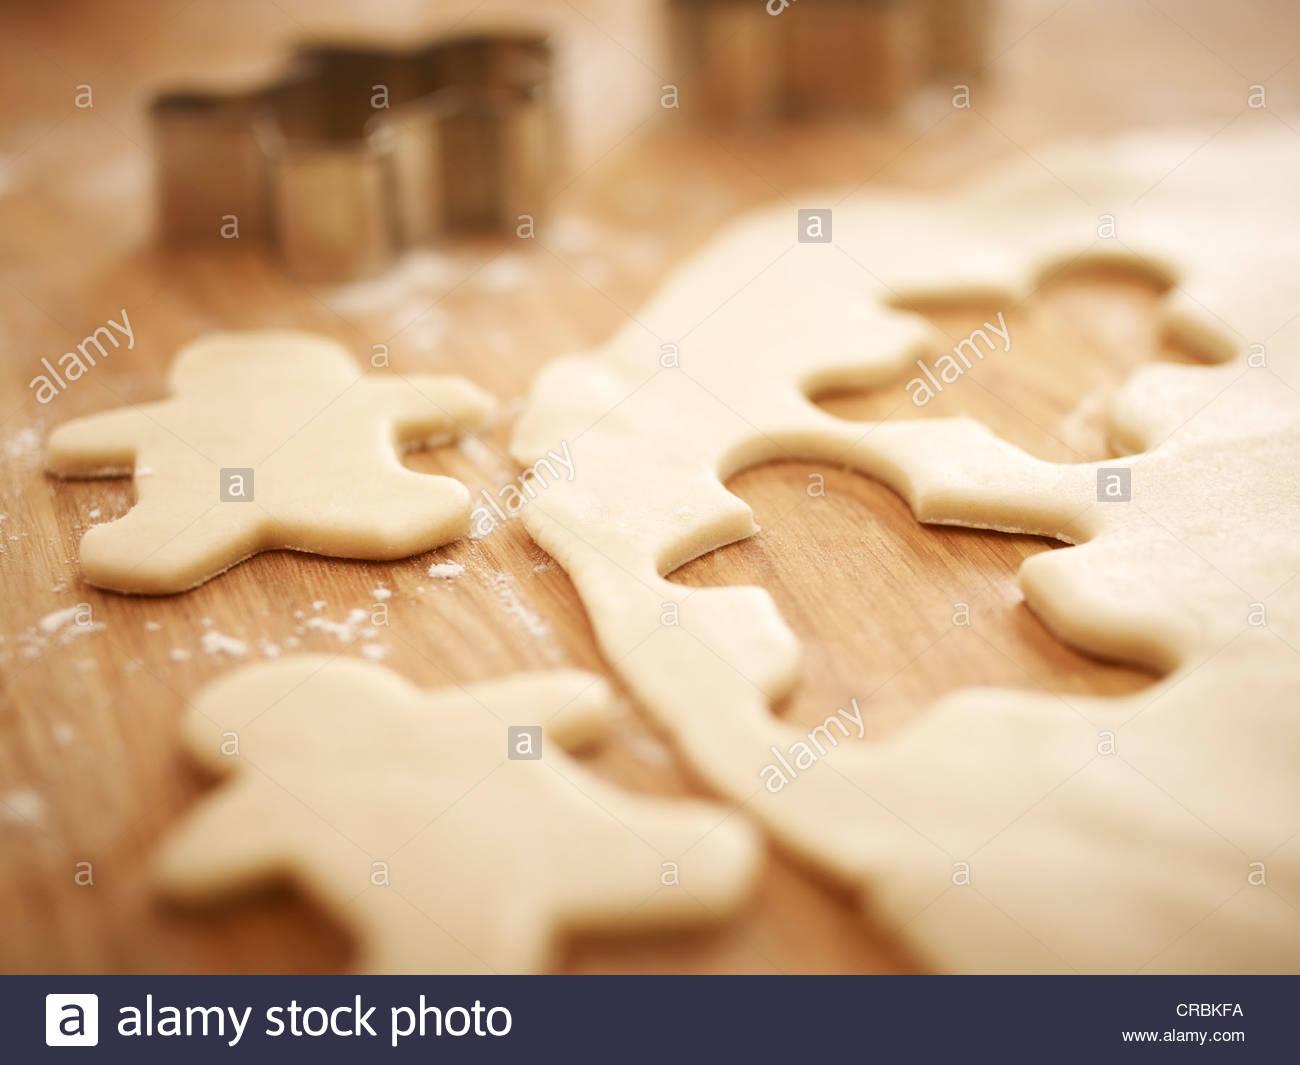 Los hombres de masa de galleta de jengibre Imagen De Stock